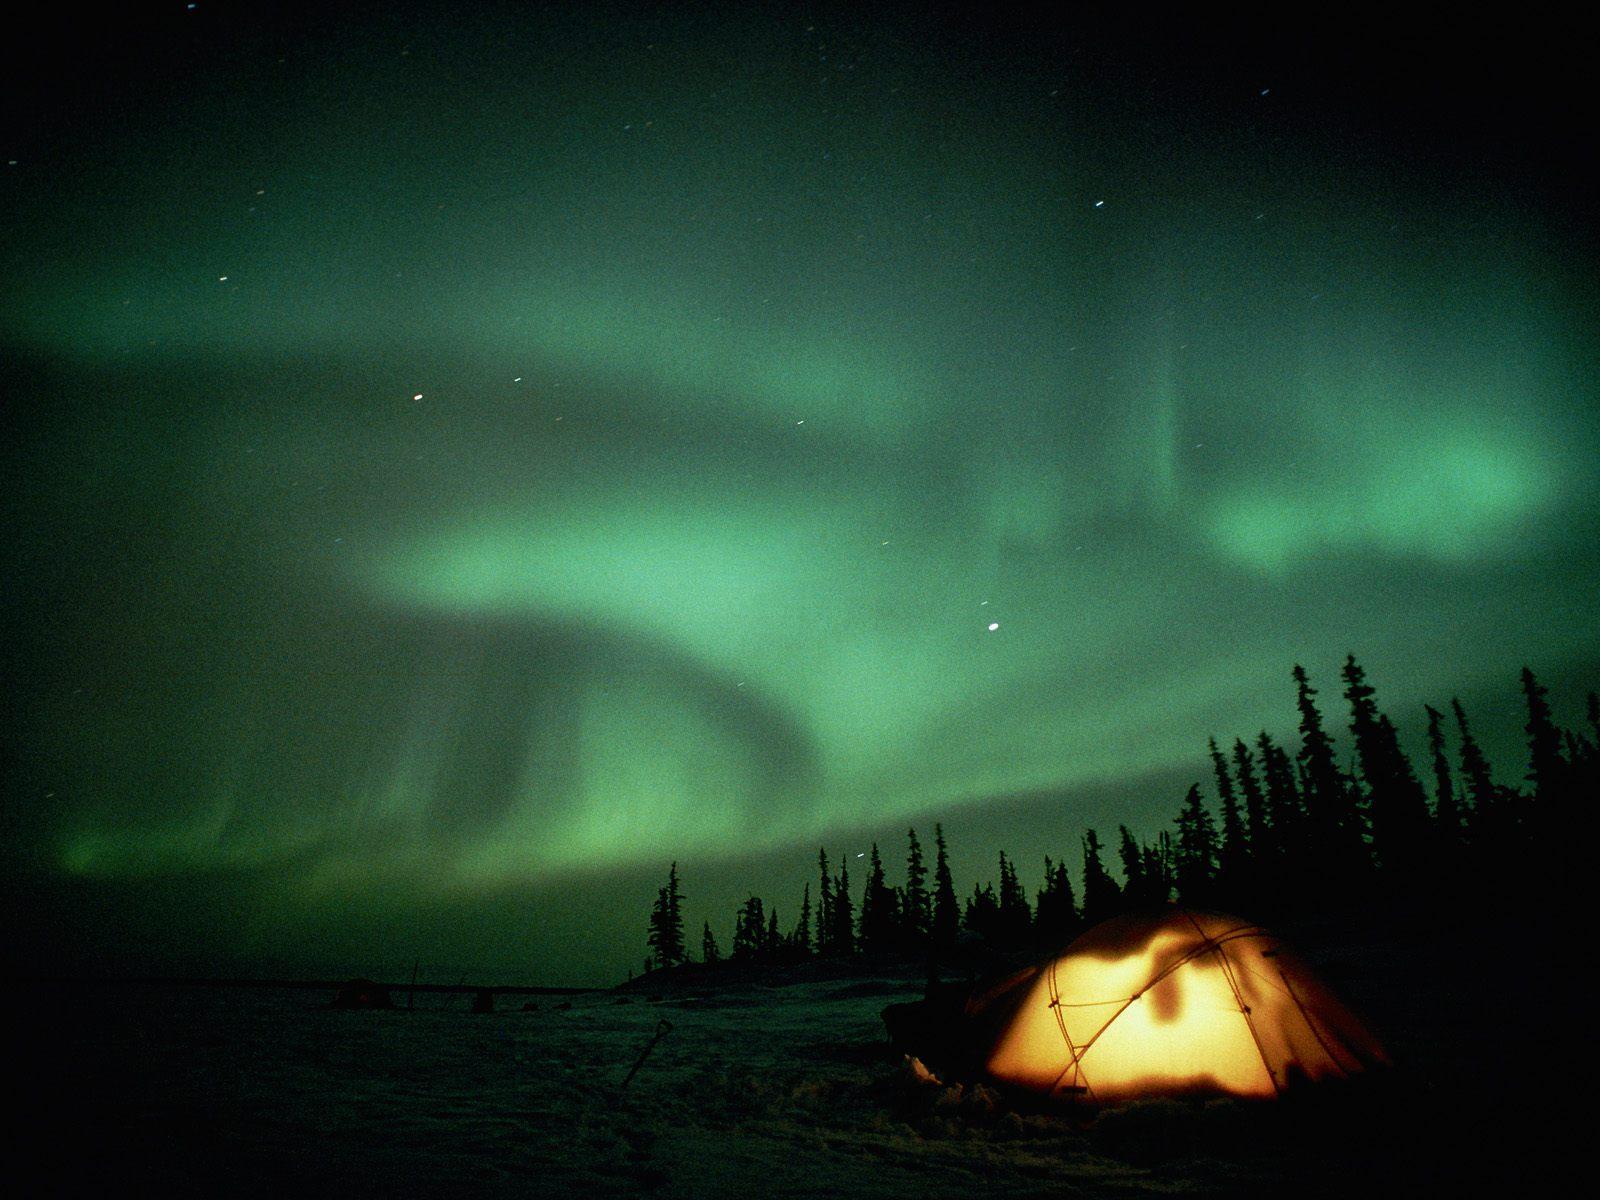 Aurora boreale sfondo and sfondi 1600x1200 id 36078 for Sfondi desktop aurora boreale